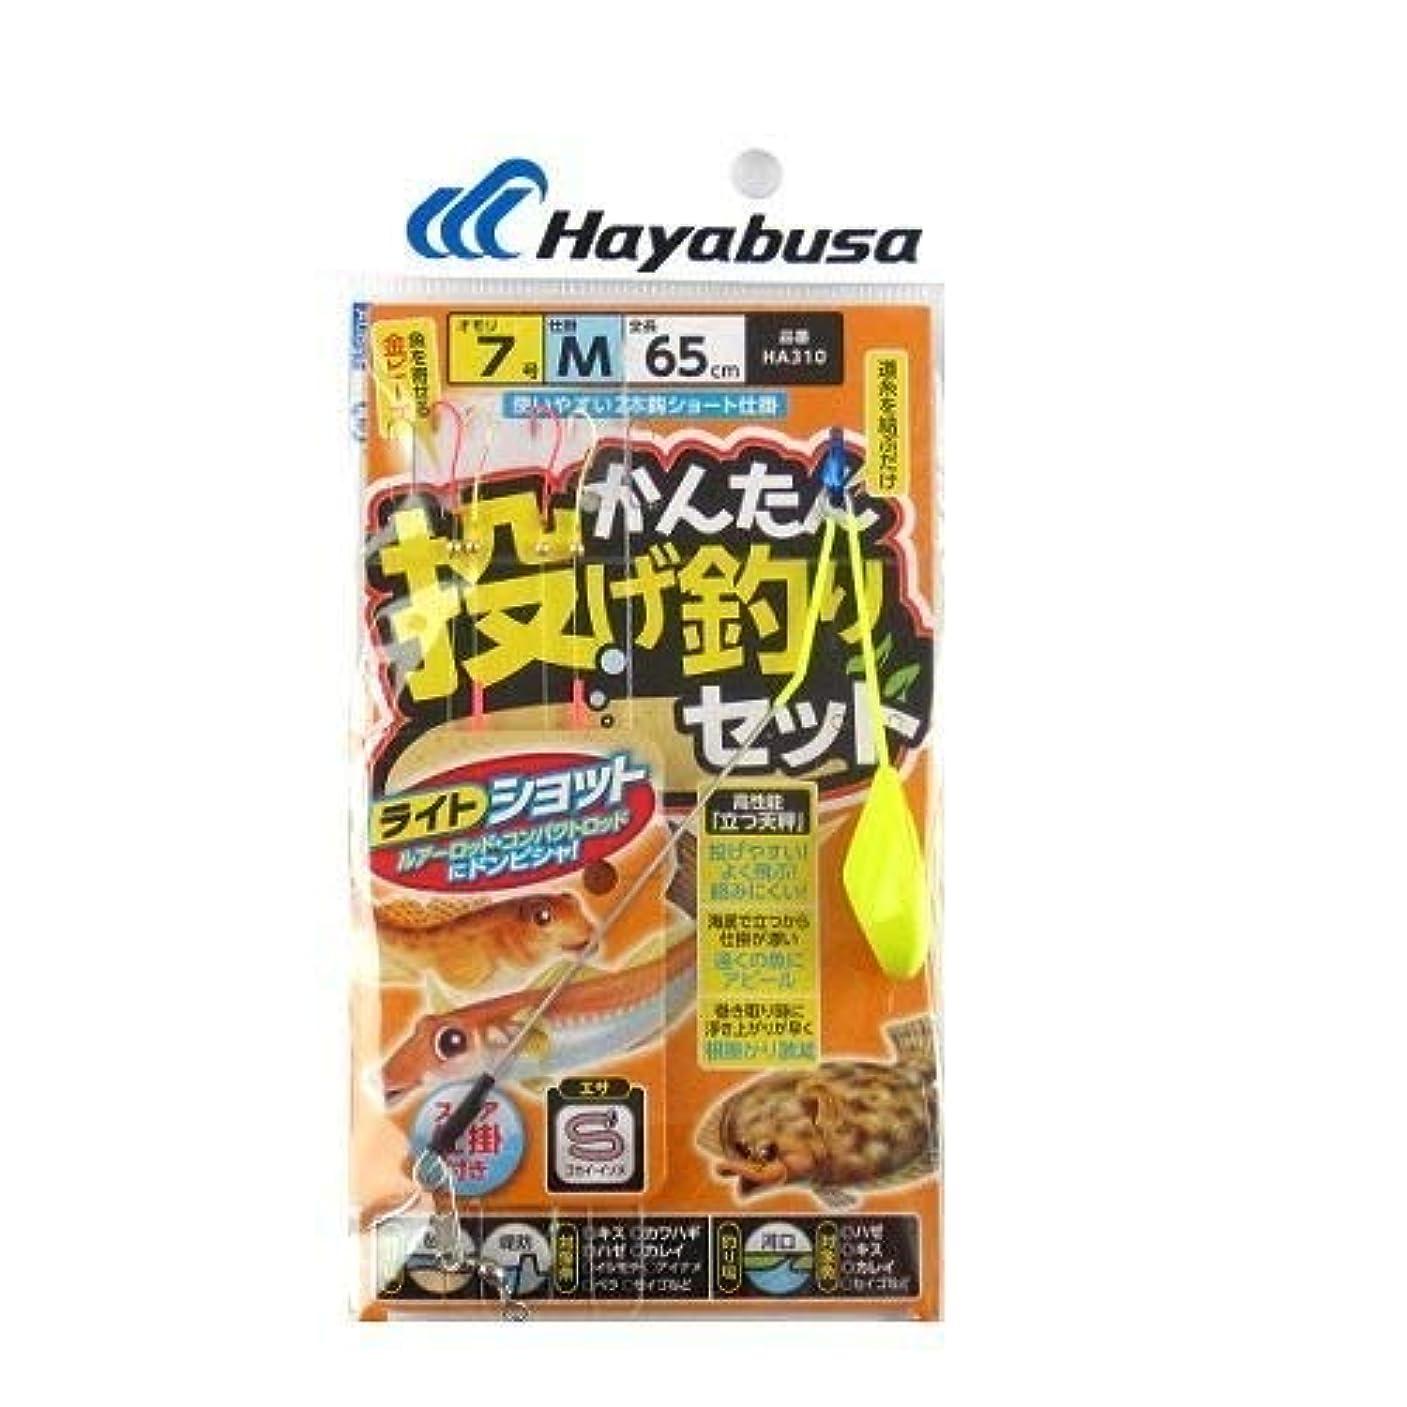 精神医学しつけ一般化するハヤブサ(Hayabusa) かんたん投げ釣りセット 立つ天秤 2本 HA310  7-8